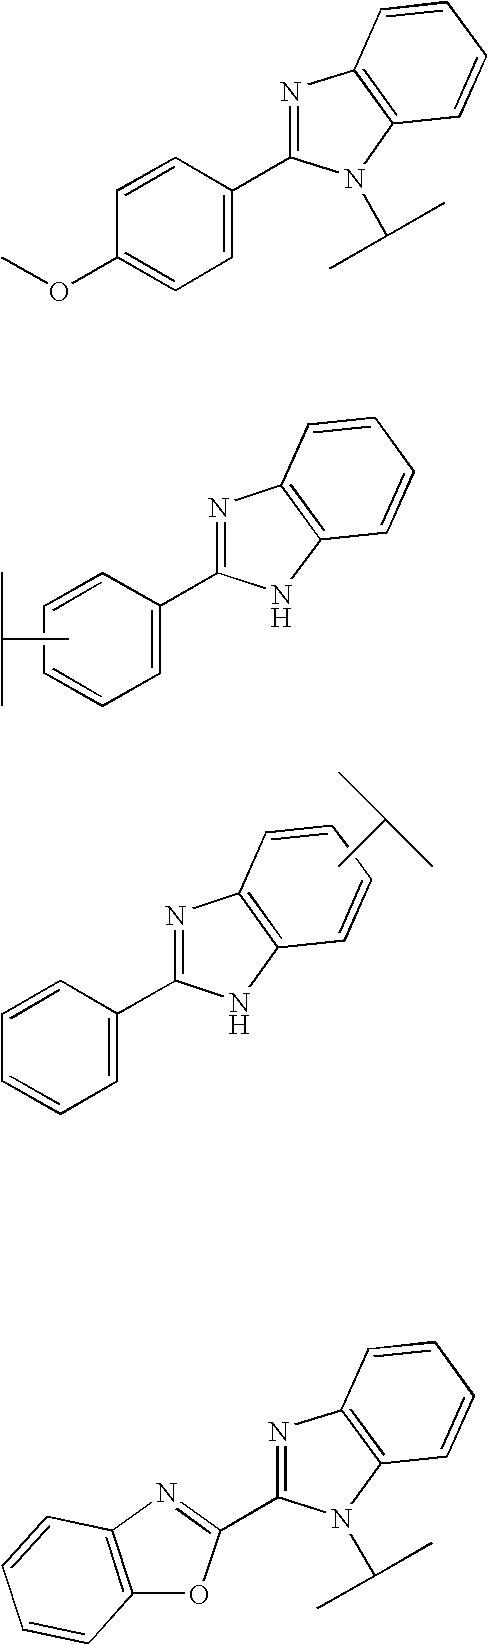 Figure US20080081025A1-20080403-C00011